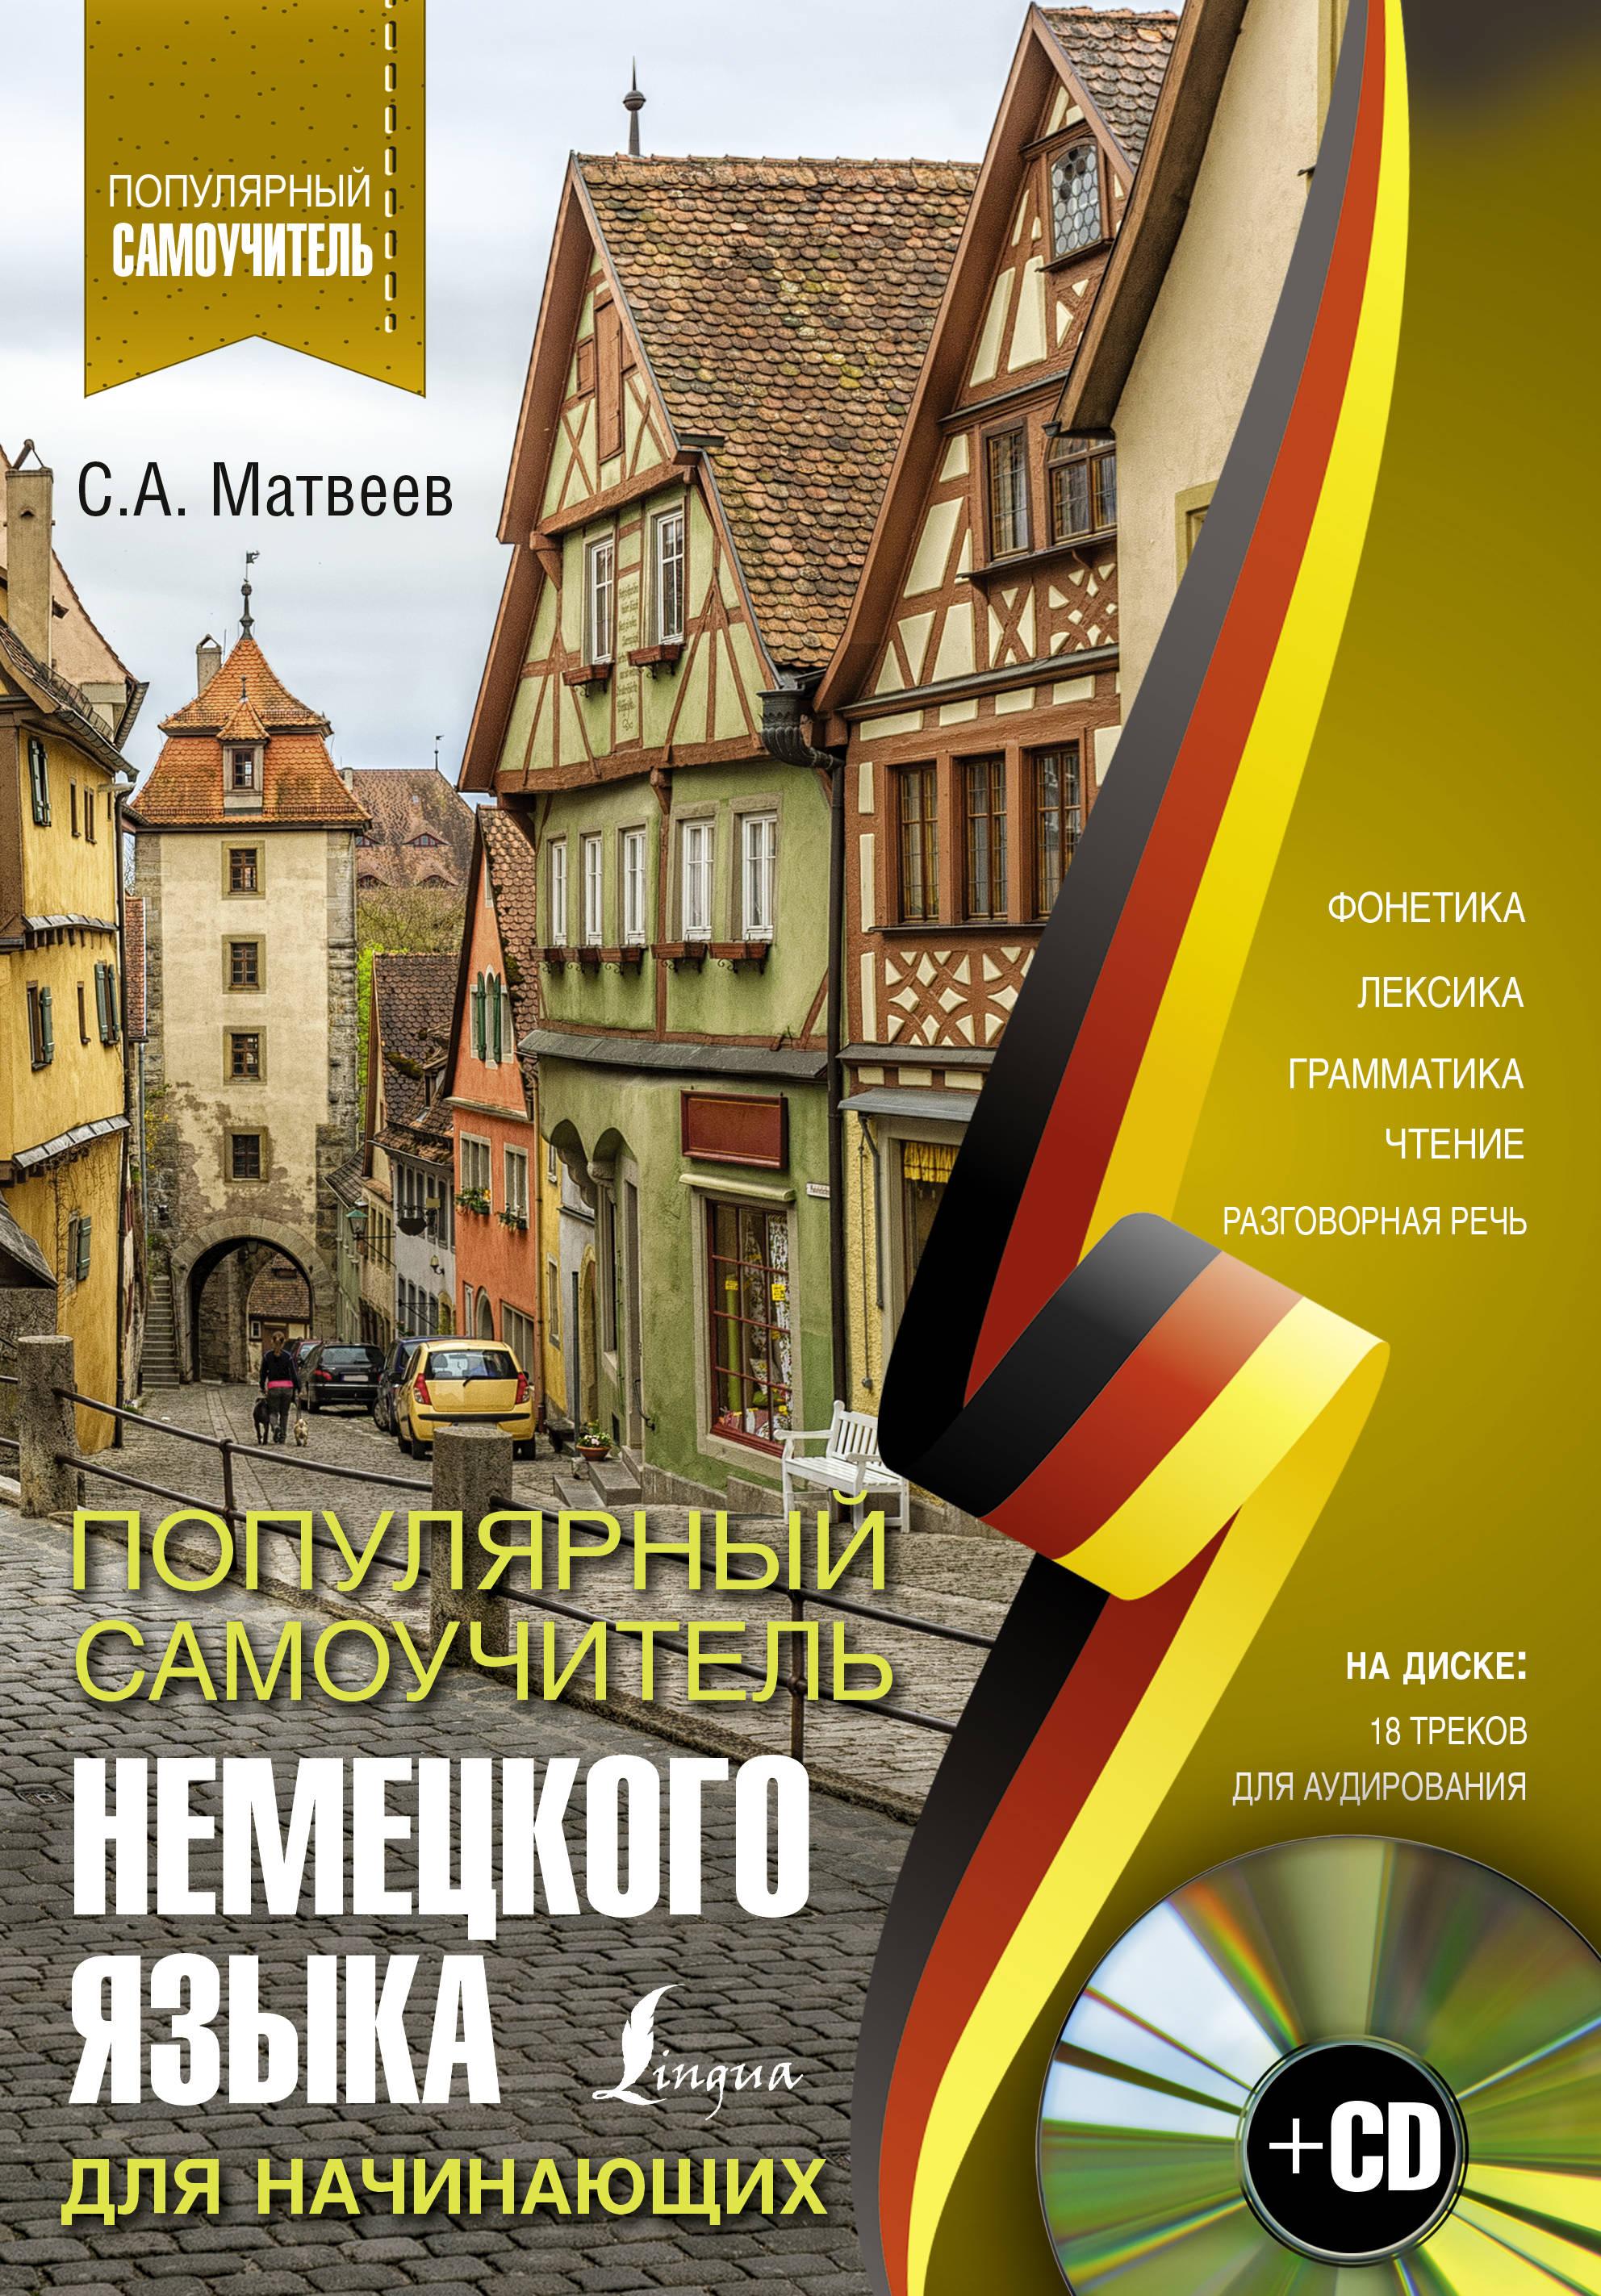 Populjarnyj samouchitel nemetskogo jazyka dlja nachinajuschikh + CD